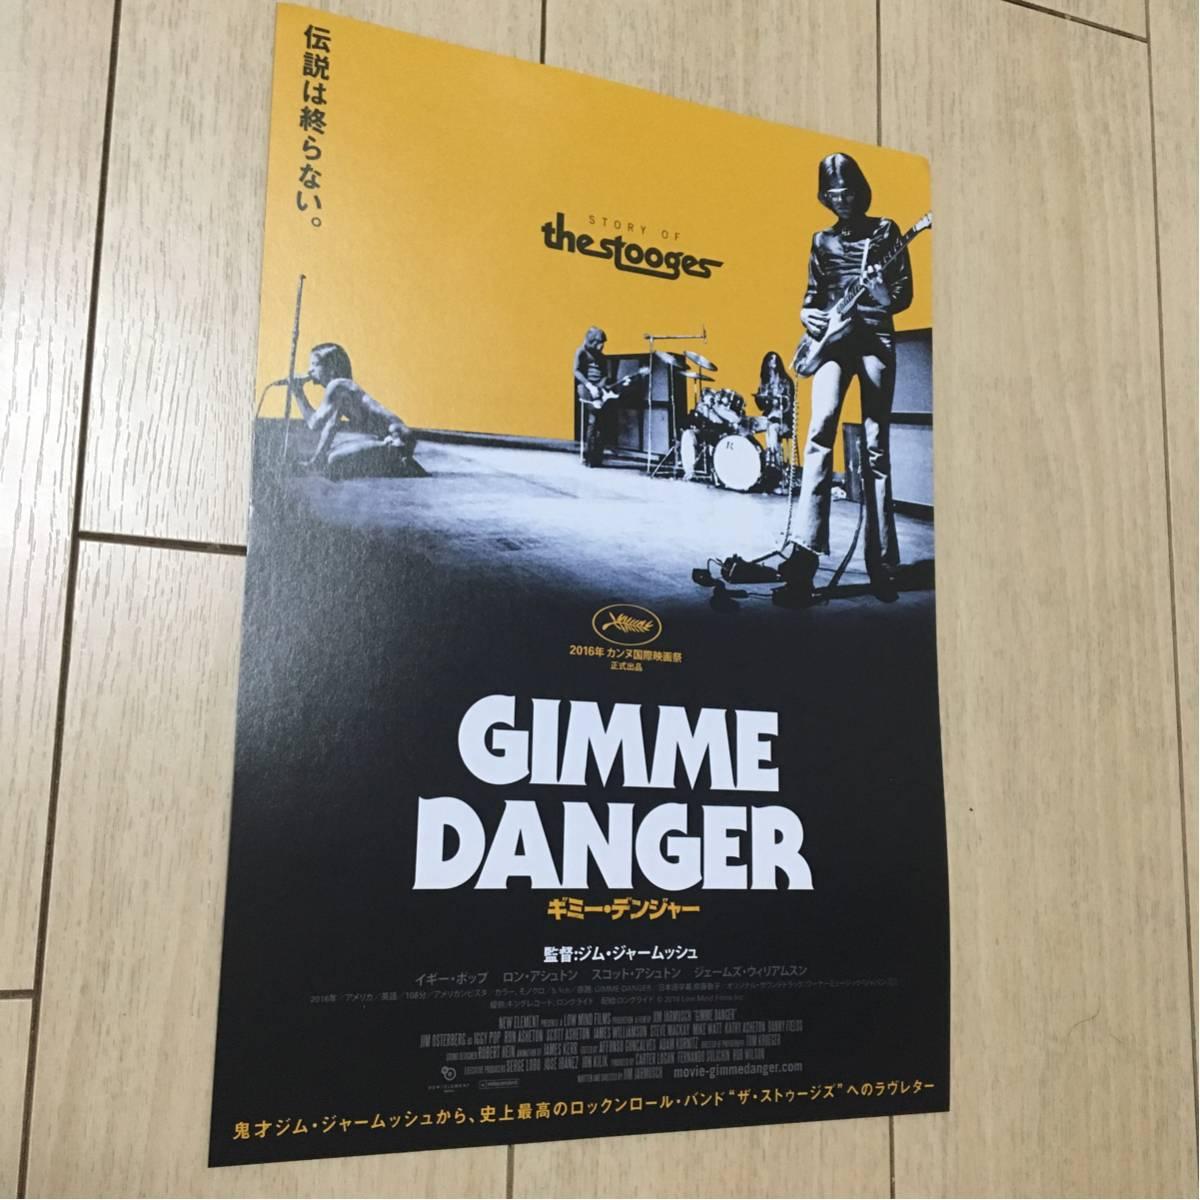 映画 ギミー・デンジャー gimme danger 告知 チラシ イギー・ポップ iggy pop the stooges ジム・ジャームッシュ 監督